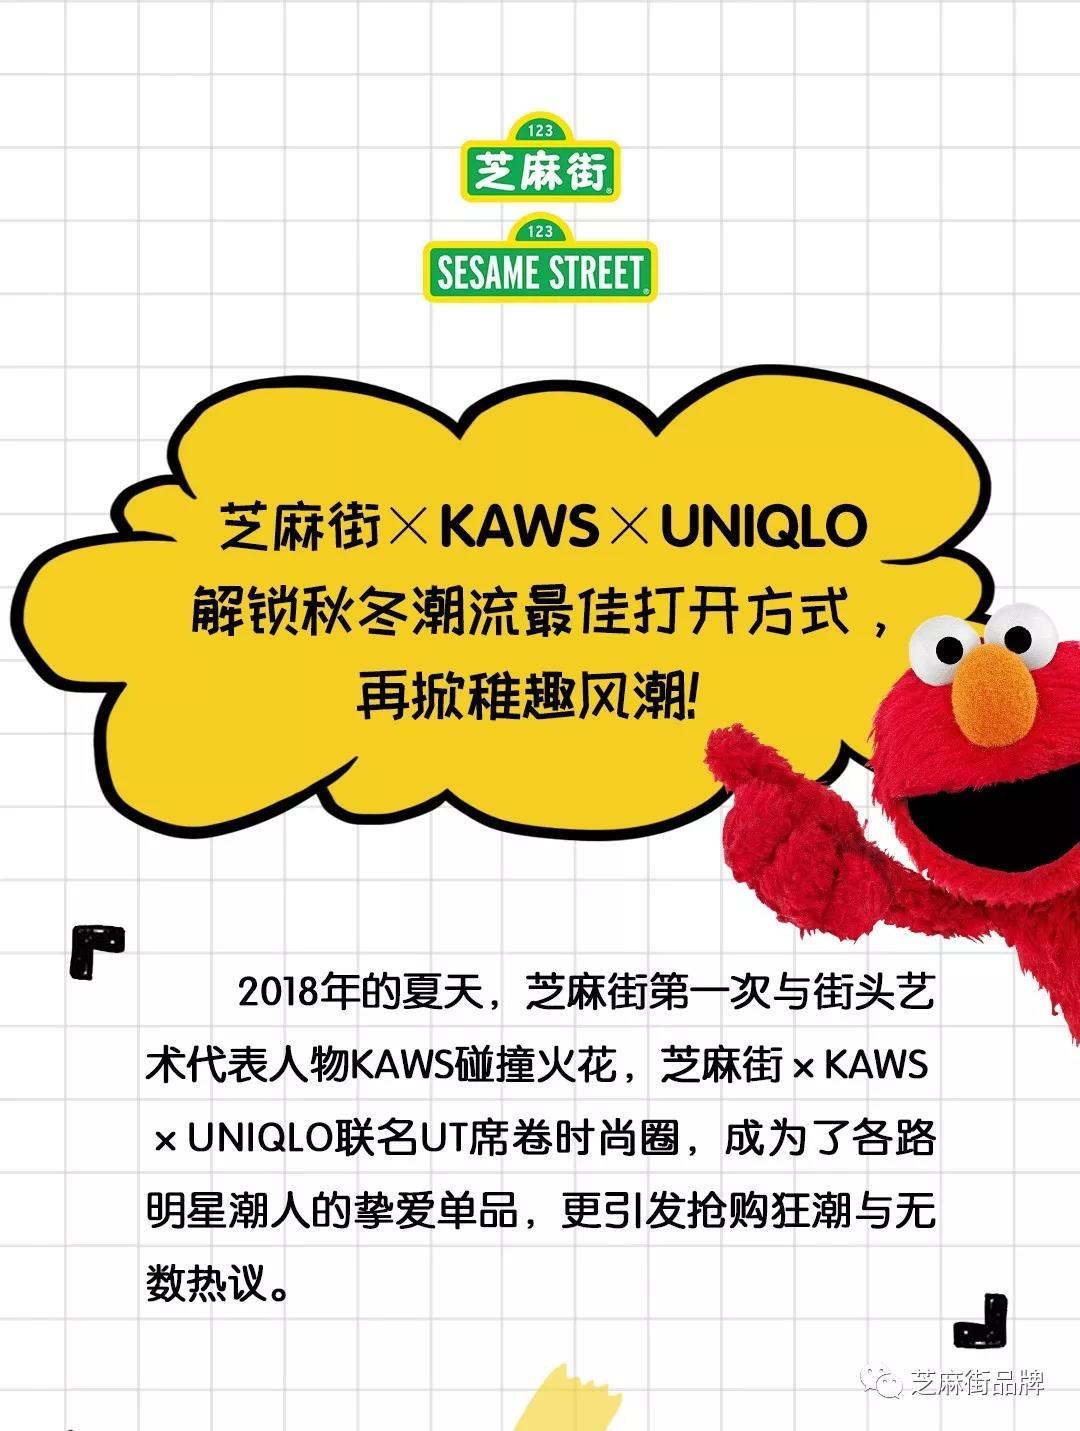 芝麻街 X KAWS X UNIQLO 解锁秋冬潮流最佳打开方式